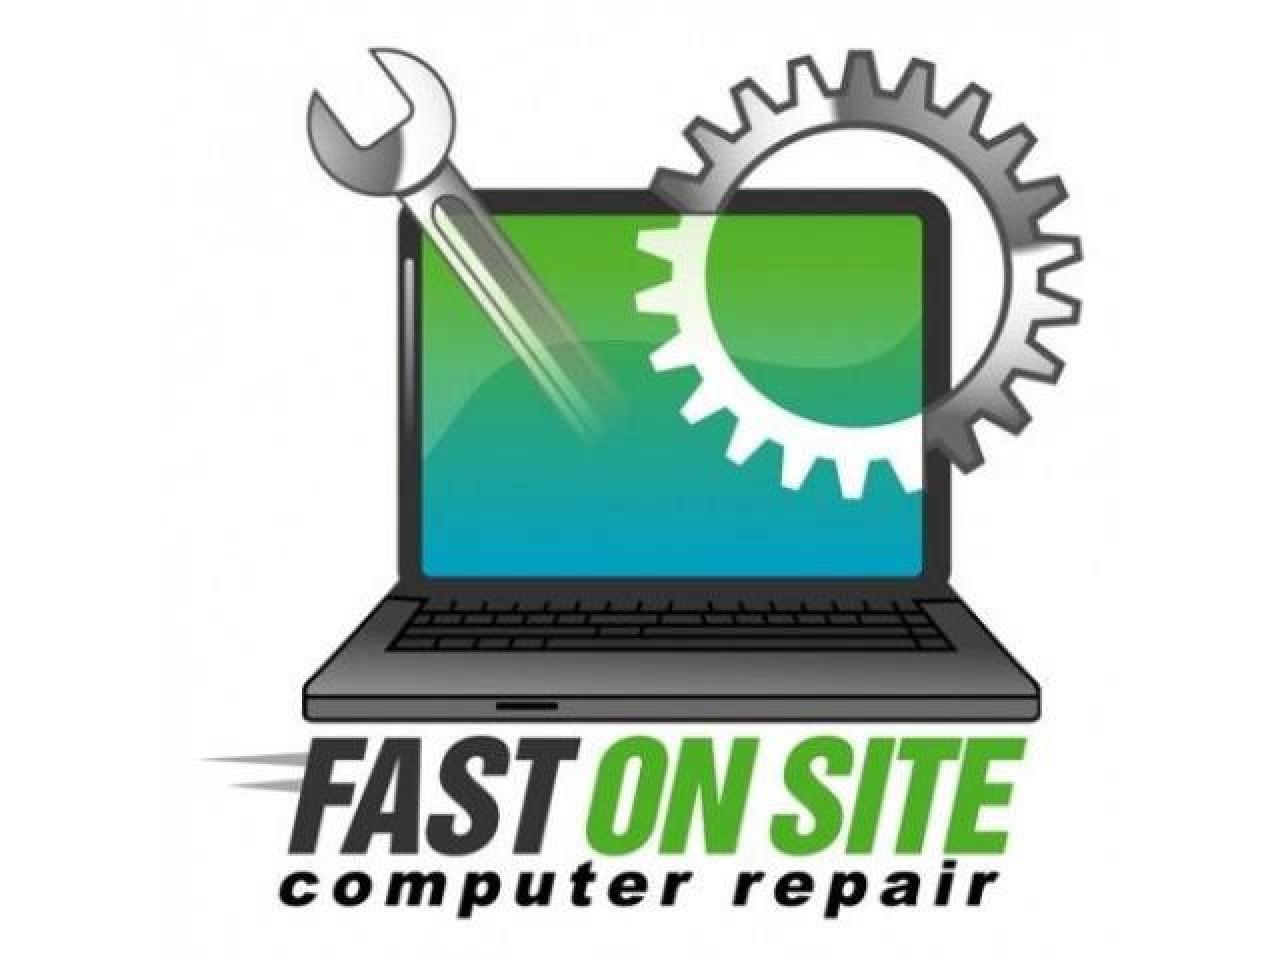 Ремонт ноутбуков, компьютеров, дешево. - 1